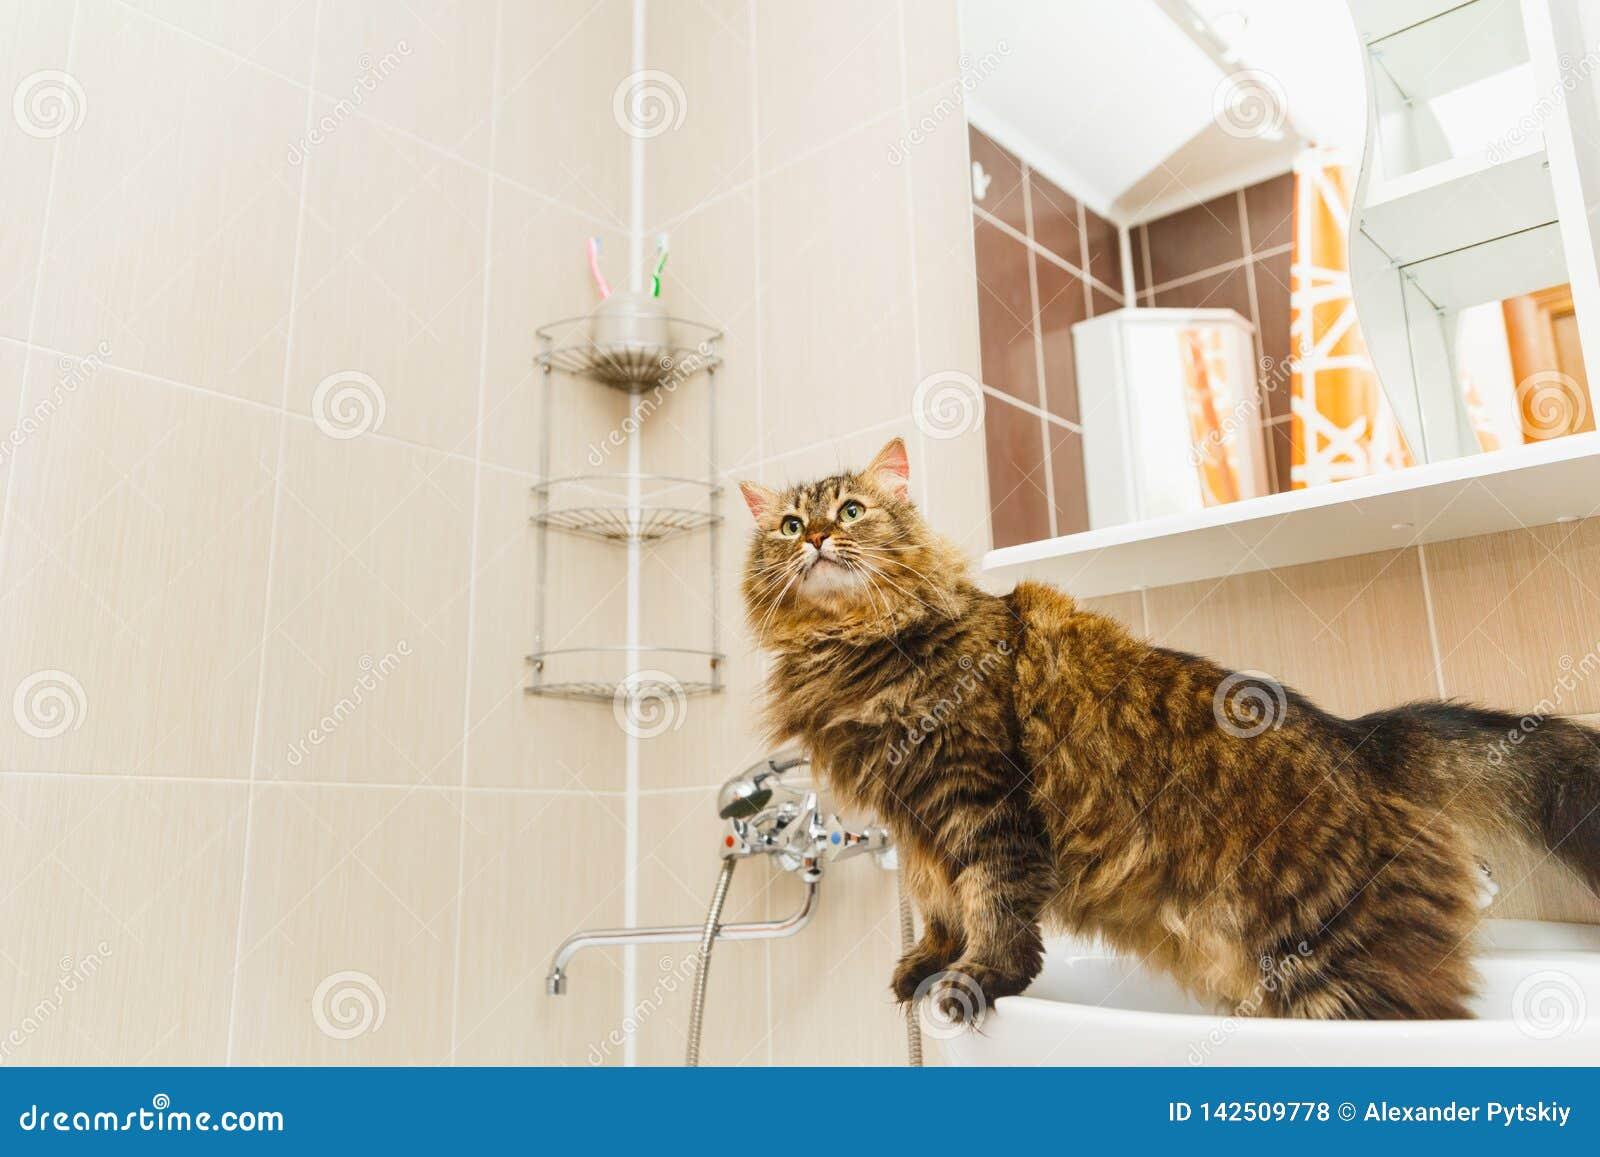 El gato mullido se coloca en un lavabo blanco en el cuarto de baño y mira para arriba